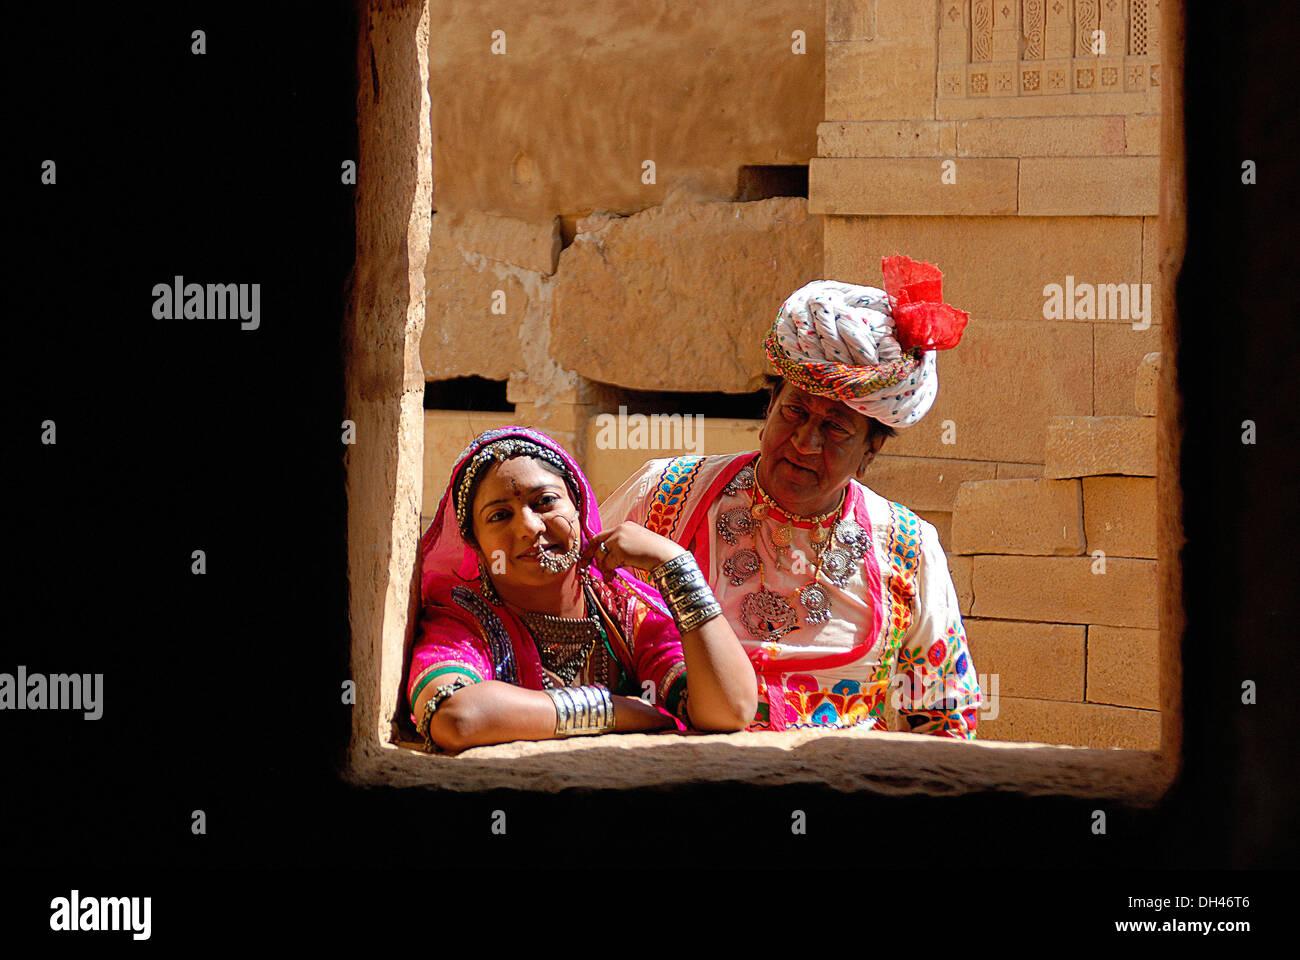 L'homme et de la femme indienne en vêtements traditionnels Jaisalmer Rajasthan Inde Asie M.#784B et 784C Photo Stock